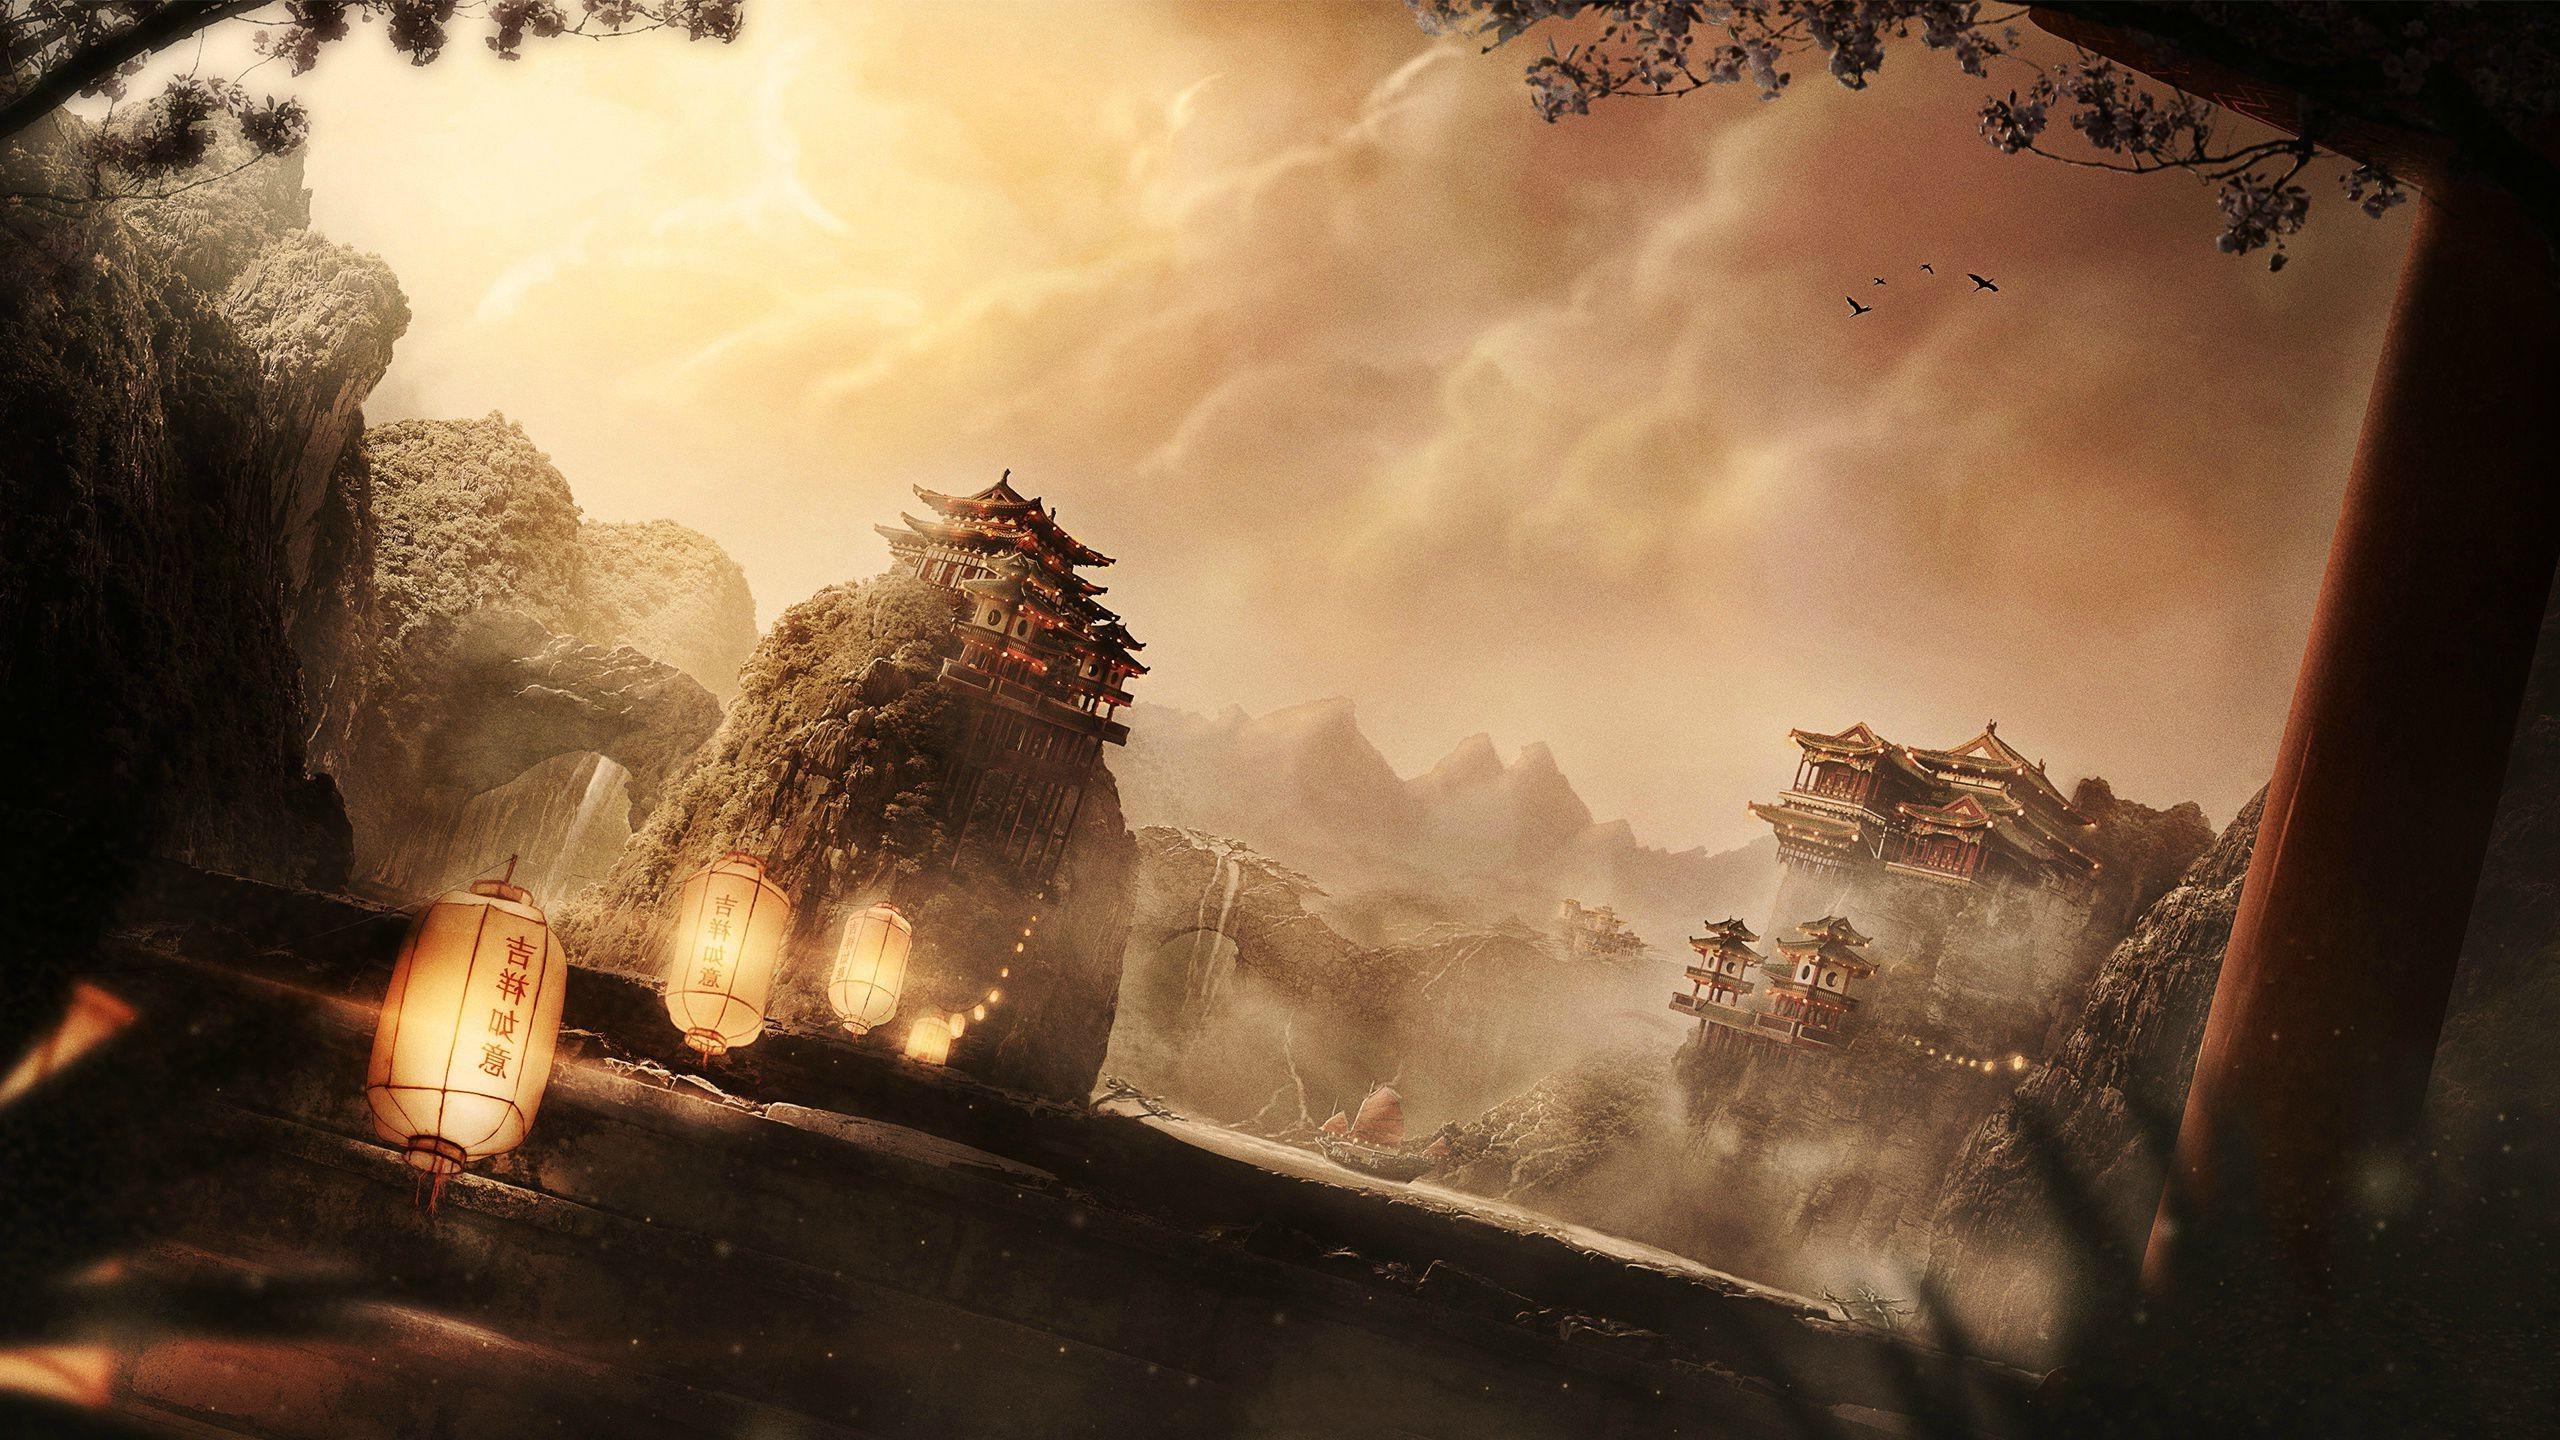 Hd Game Wallpaper Widescreen Hd Chinese Background Designs Pixelstalk Net